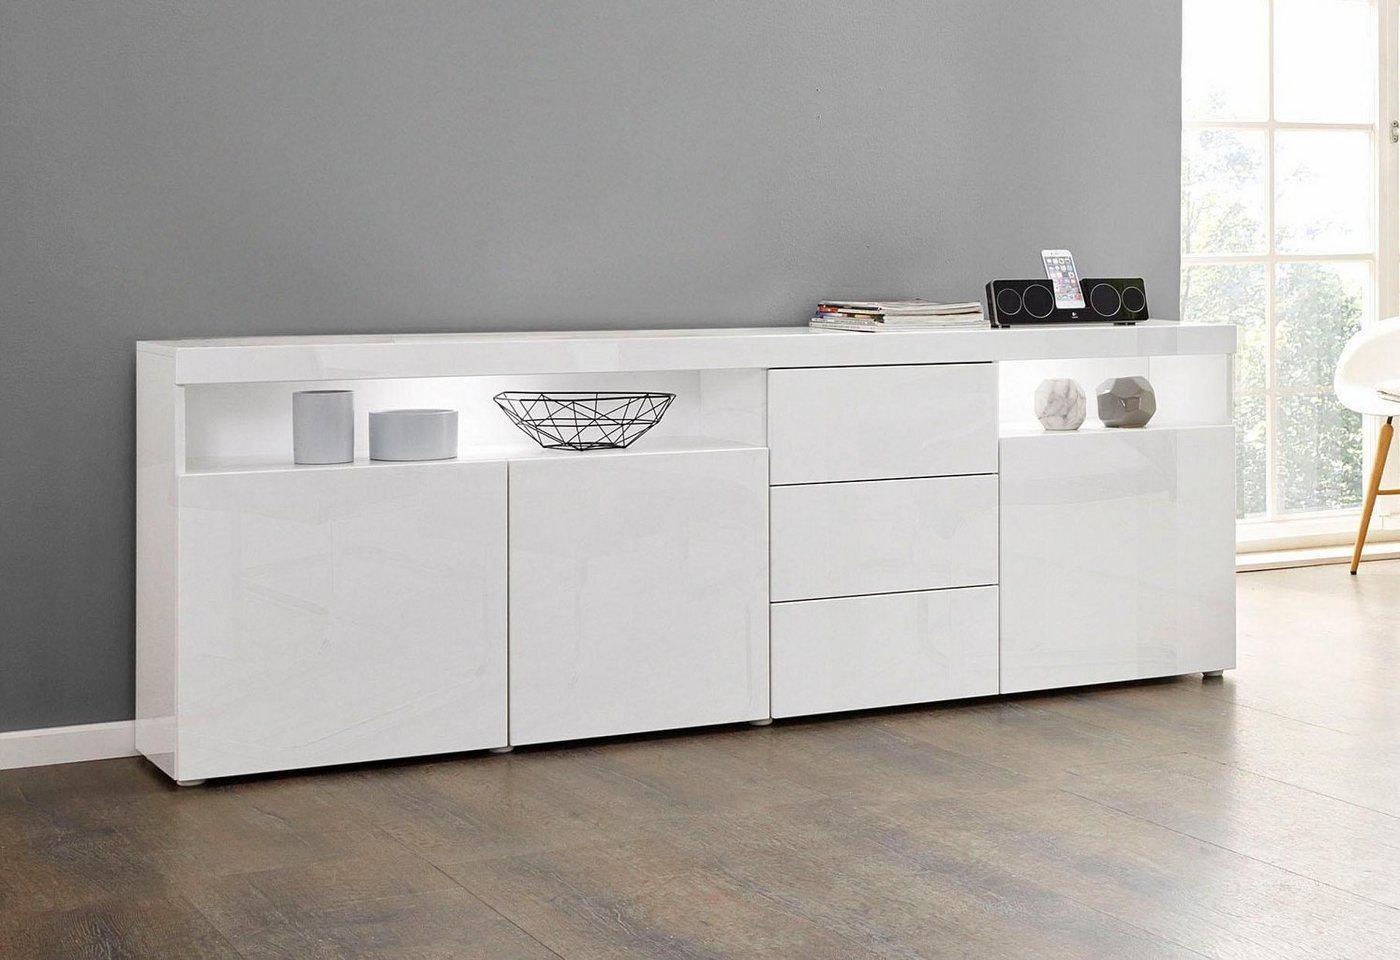 Beeindruckend Sideboard Weiß Hochglanz 200 Cm Referenz Von Borchardt Möbel Borchardt Möbel »kapstadtÂ«, Breite Mit